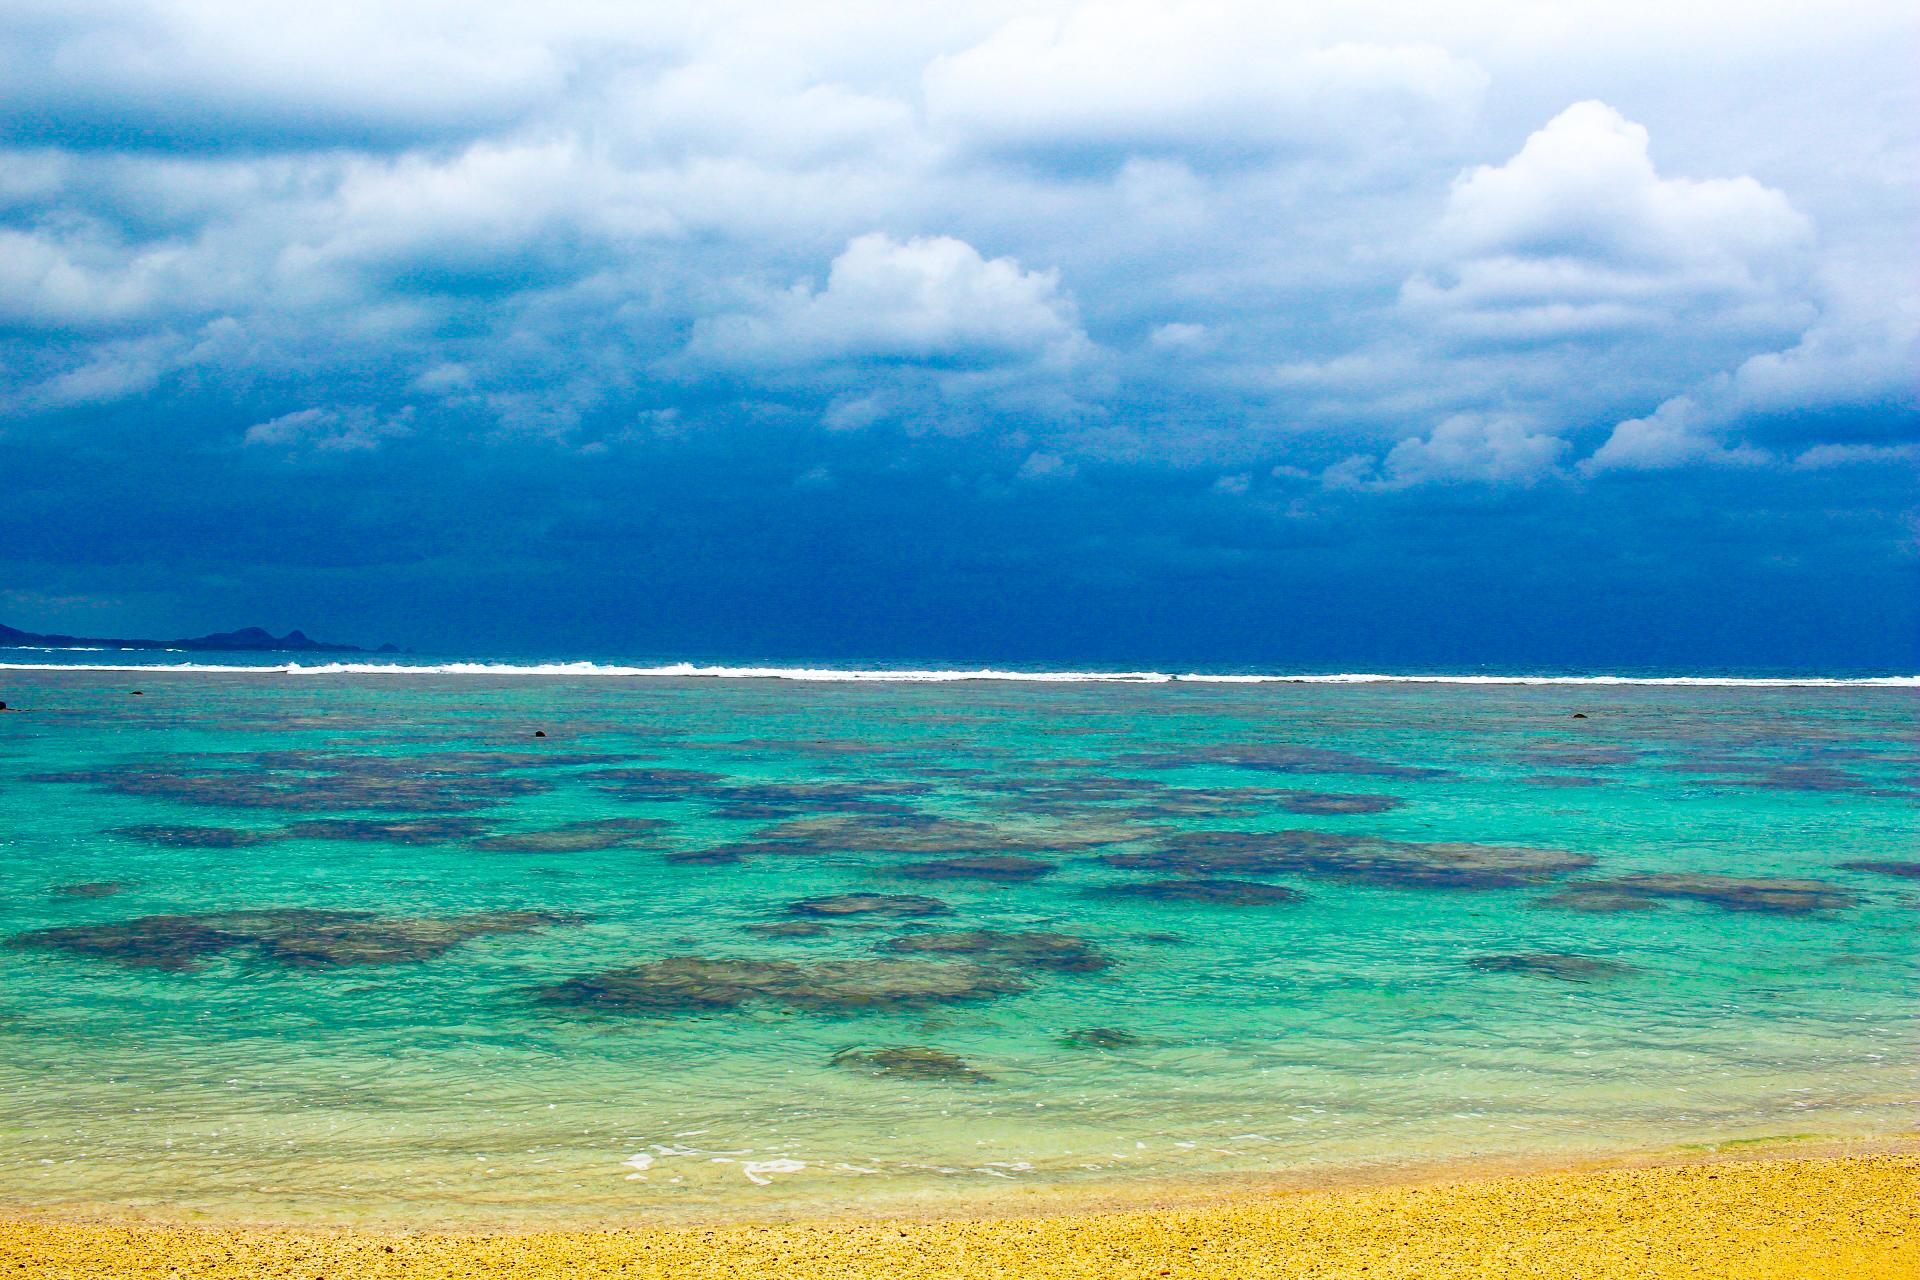 サンゴ礁と熱帯魚に出会える米原ビーチ